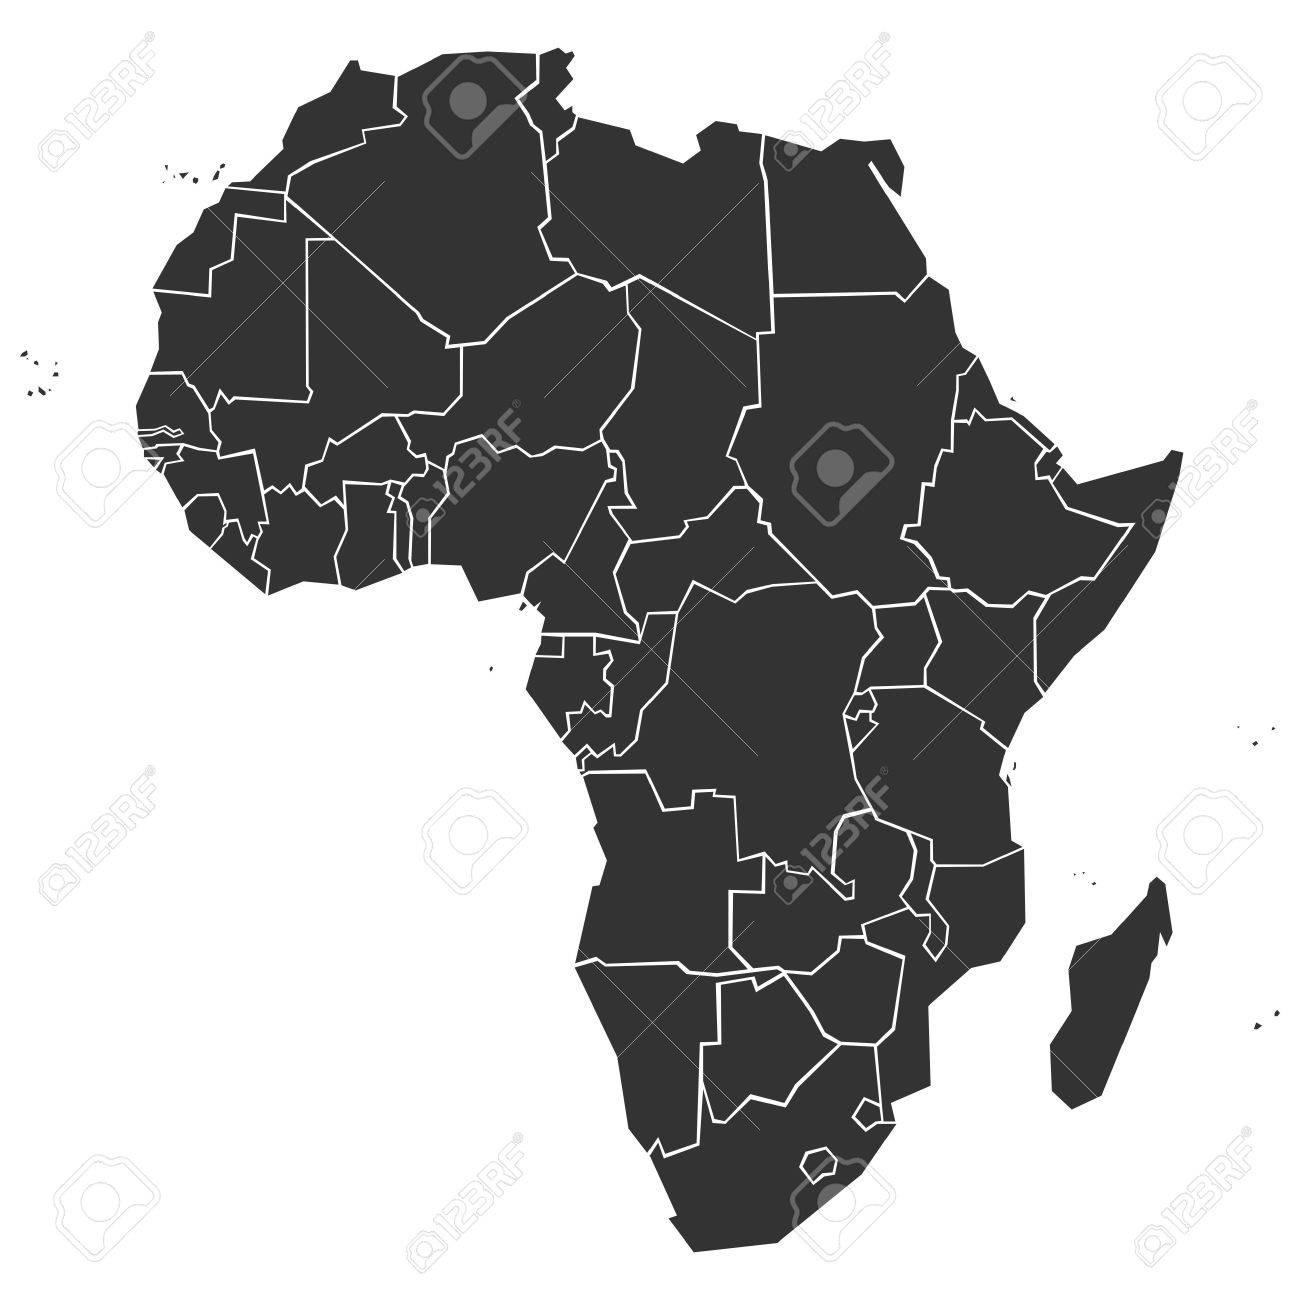 Carte Afrique Vectorielle.Simplifie La Carte Politique De L Afrique Illustration Vectorielle